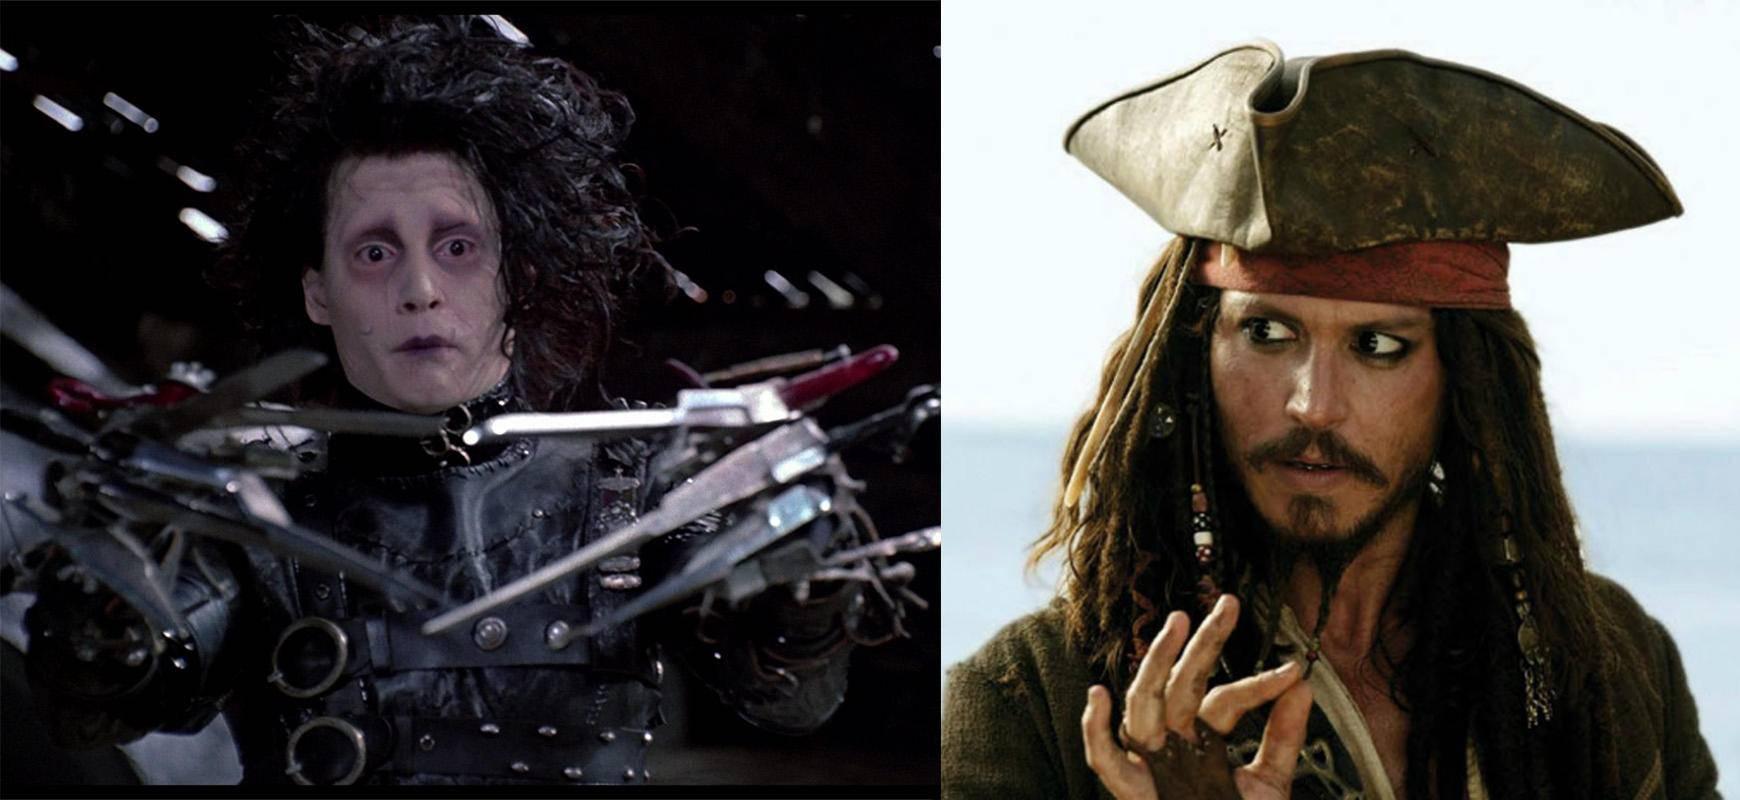 德普出演的剪刀手爱德华和杰克船长